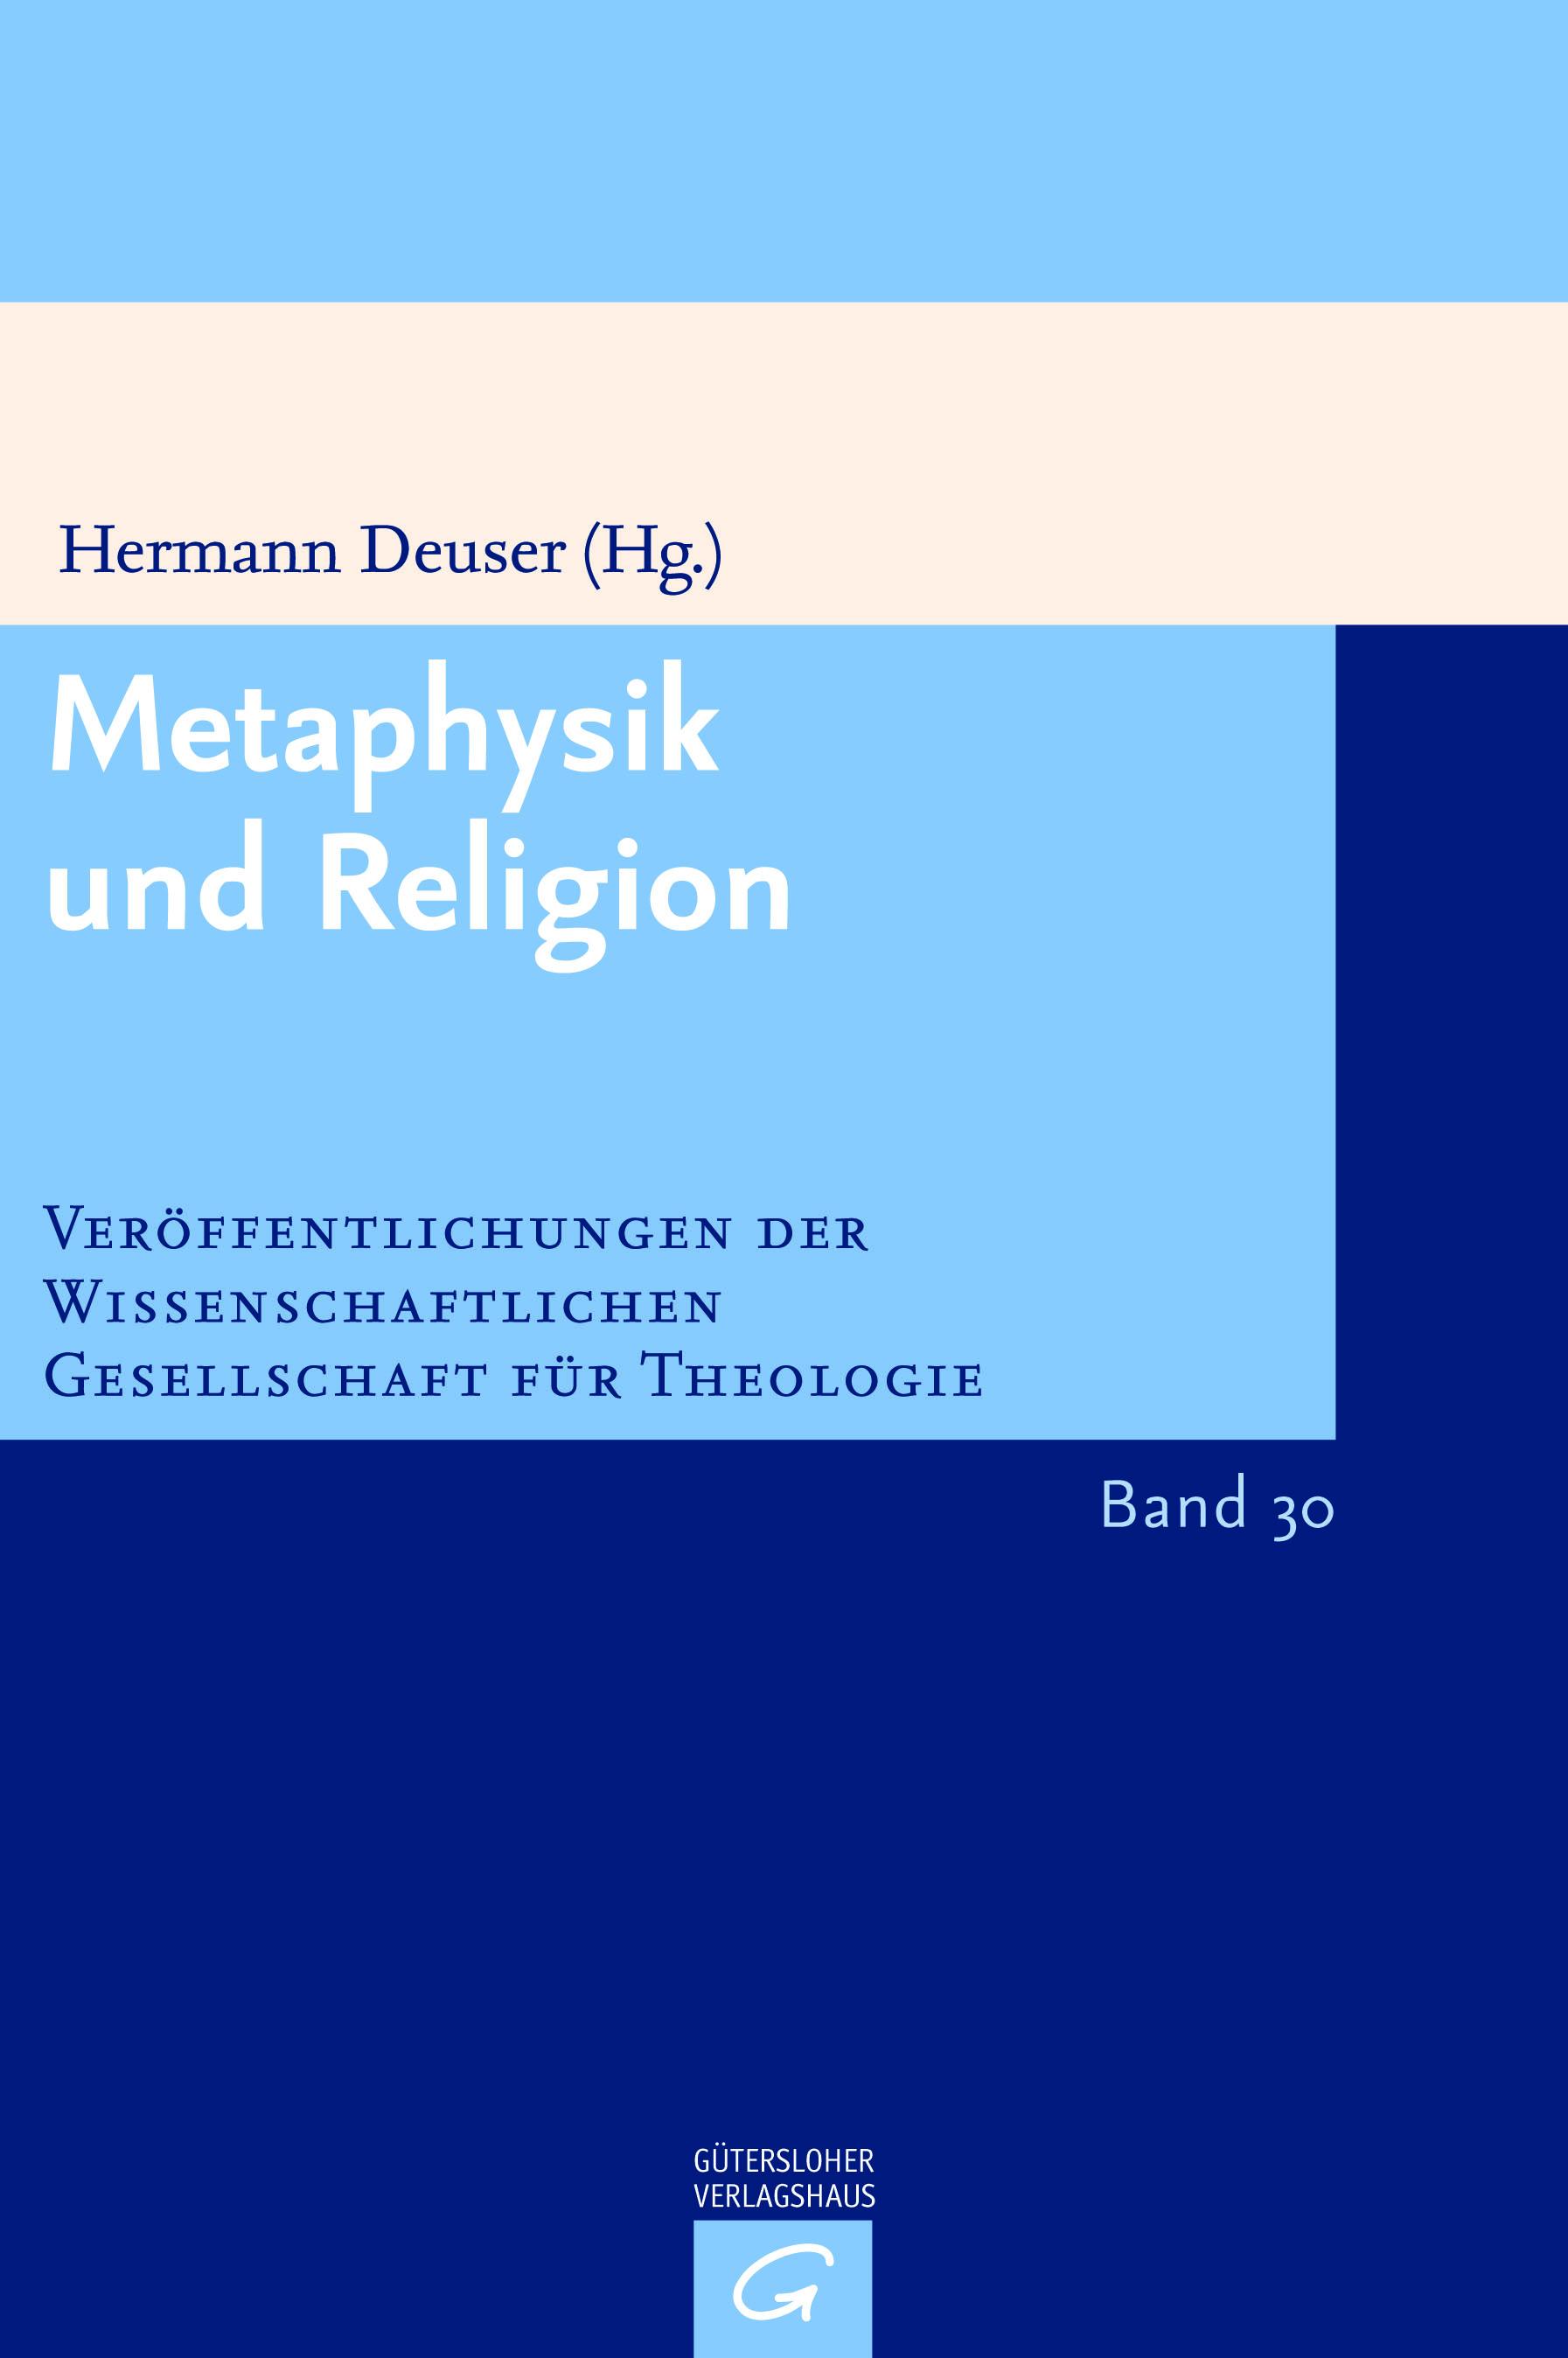 Metaphysik und Religion (VWGTh 30)